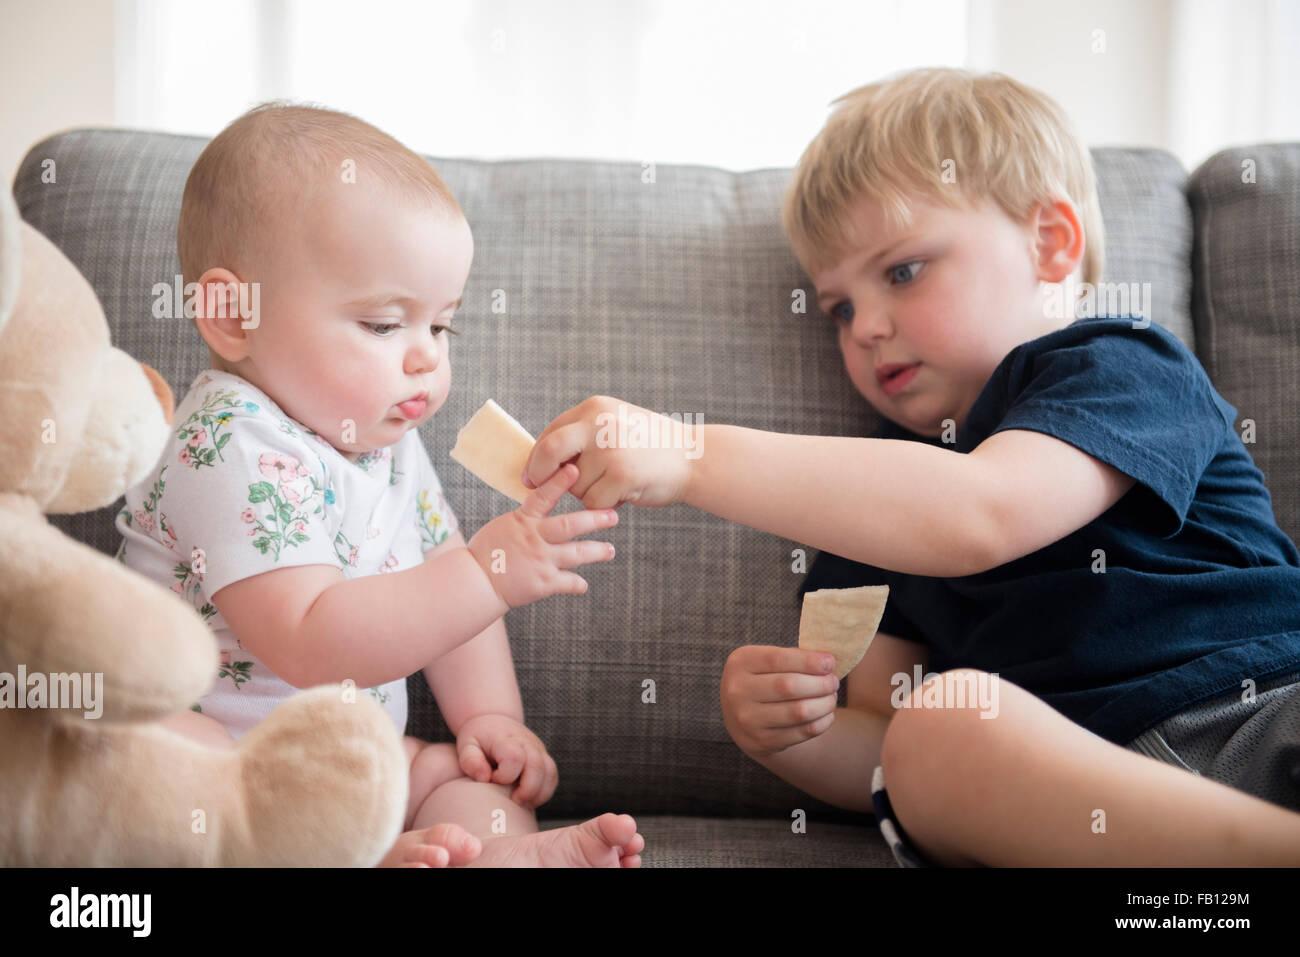 Hermano (2-3) compartiendo galletas con hermana de bebé (12-17 meses) Imagen De Stock